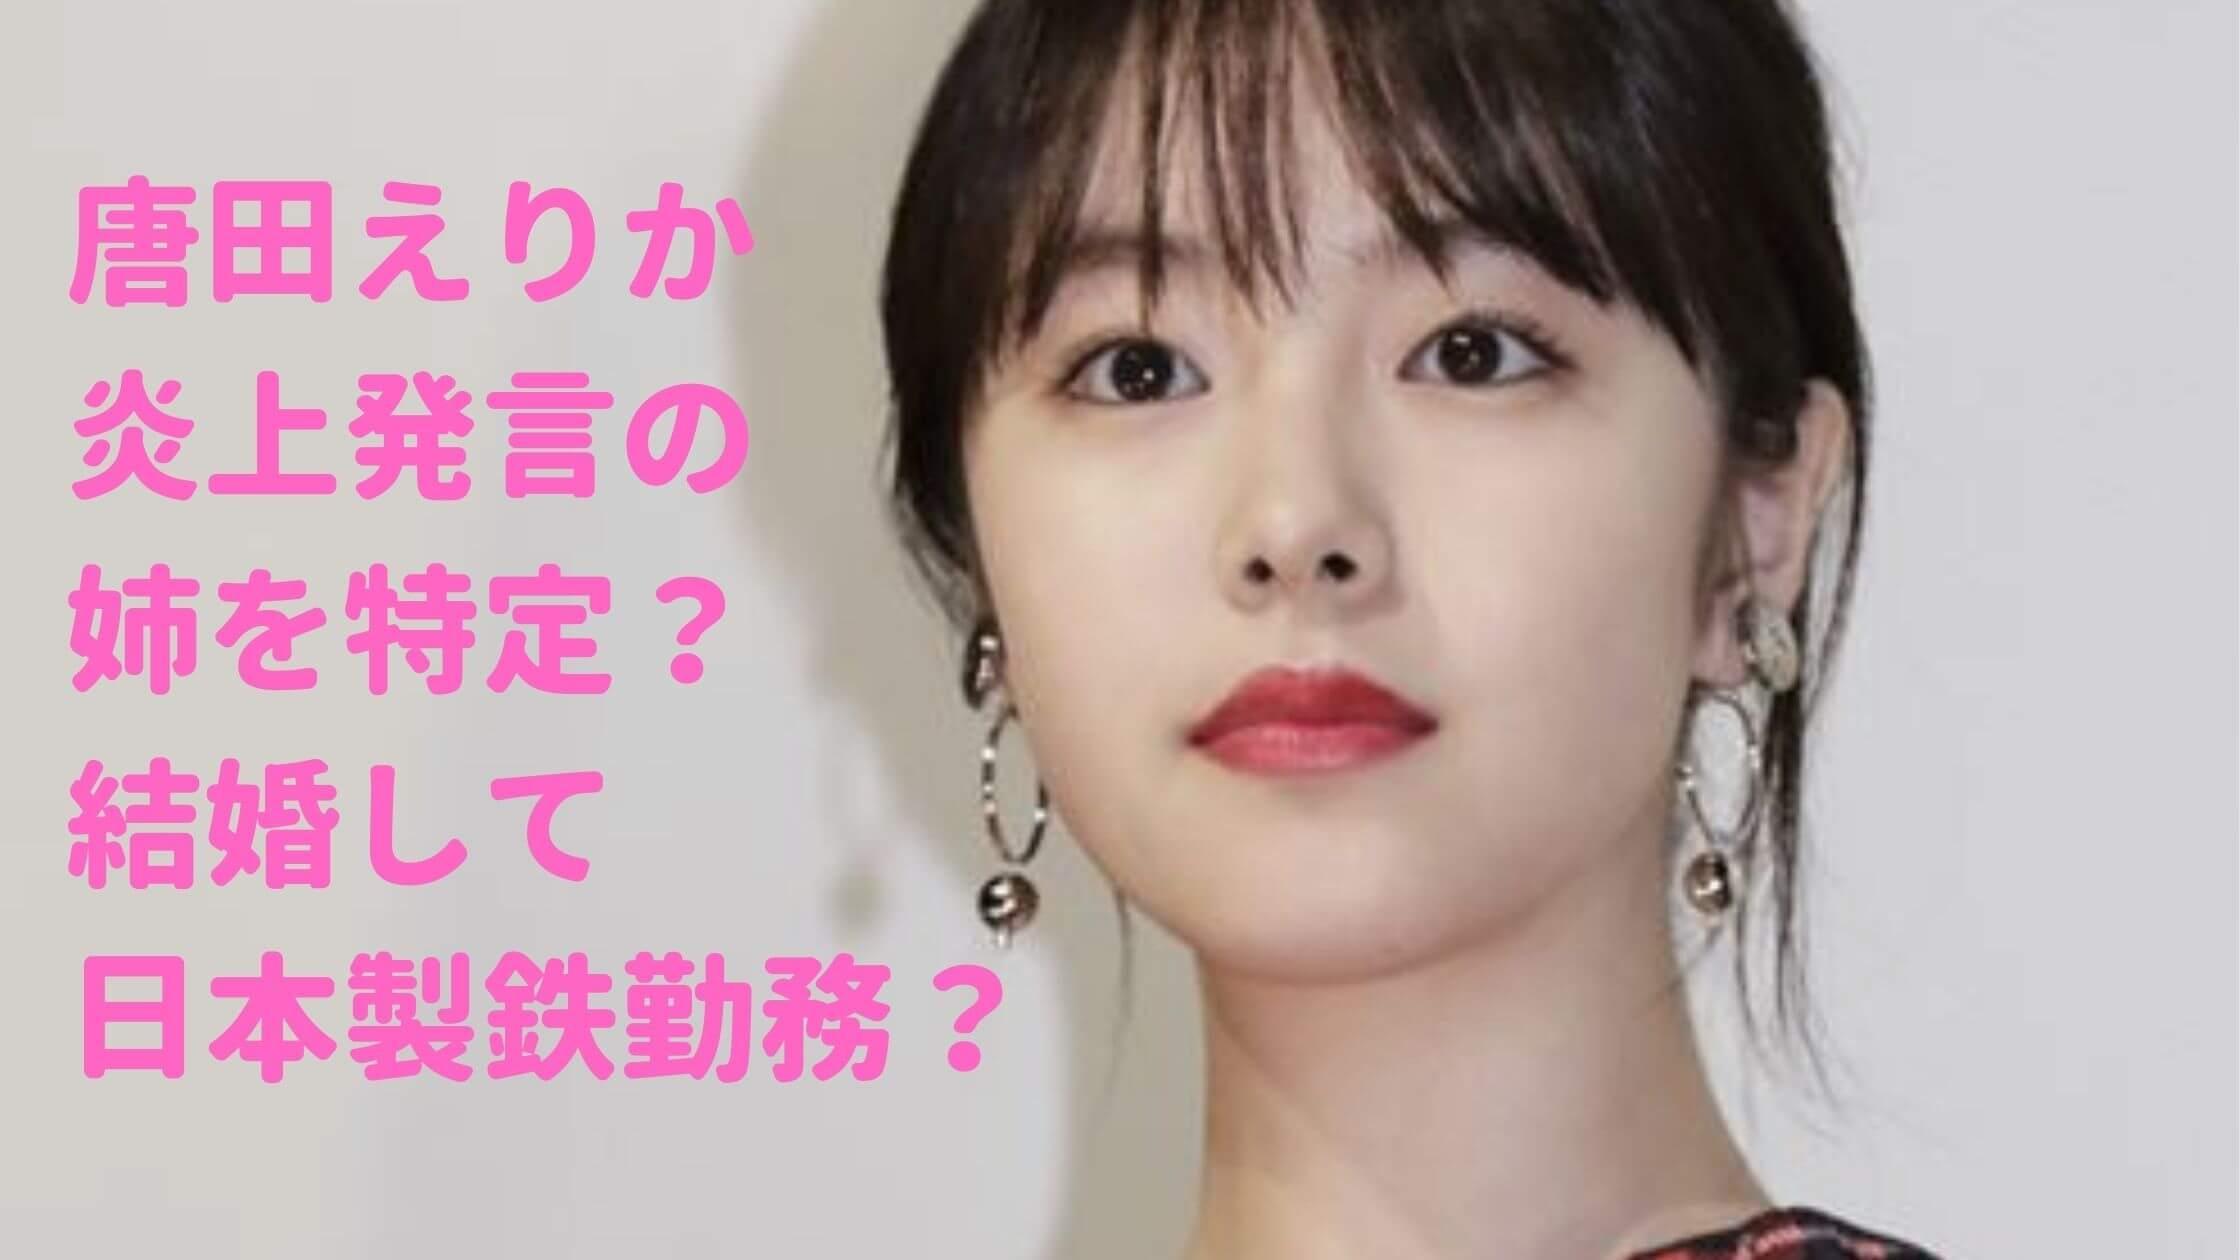 唐田えりか 姉 名前 特定 結婚 日本製鉄